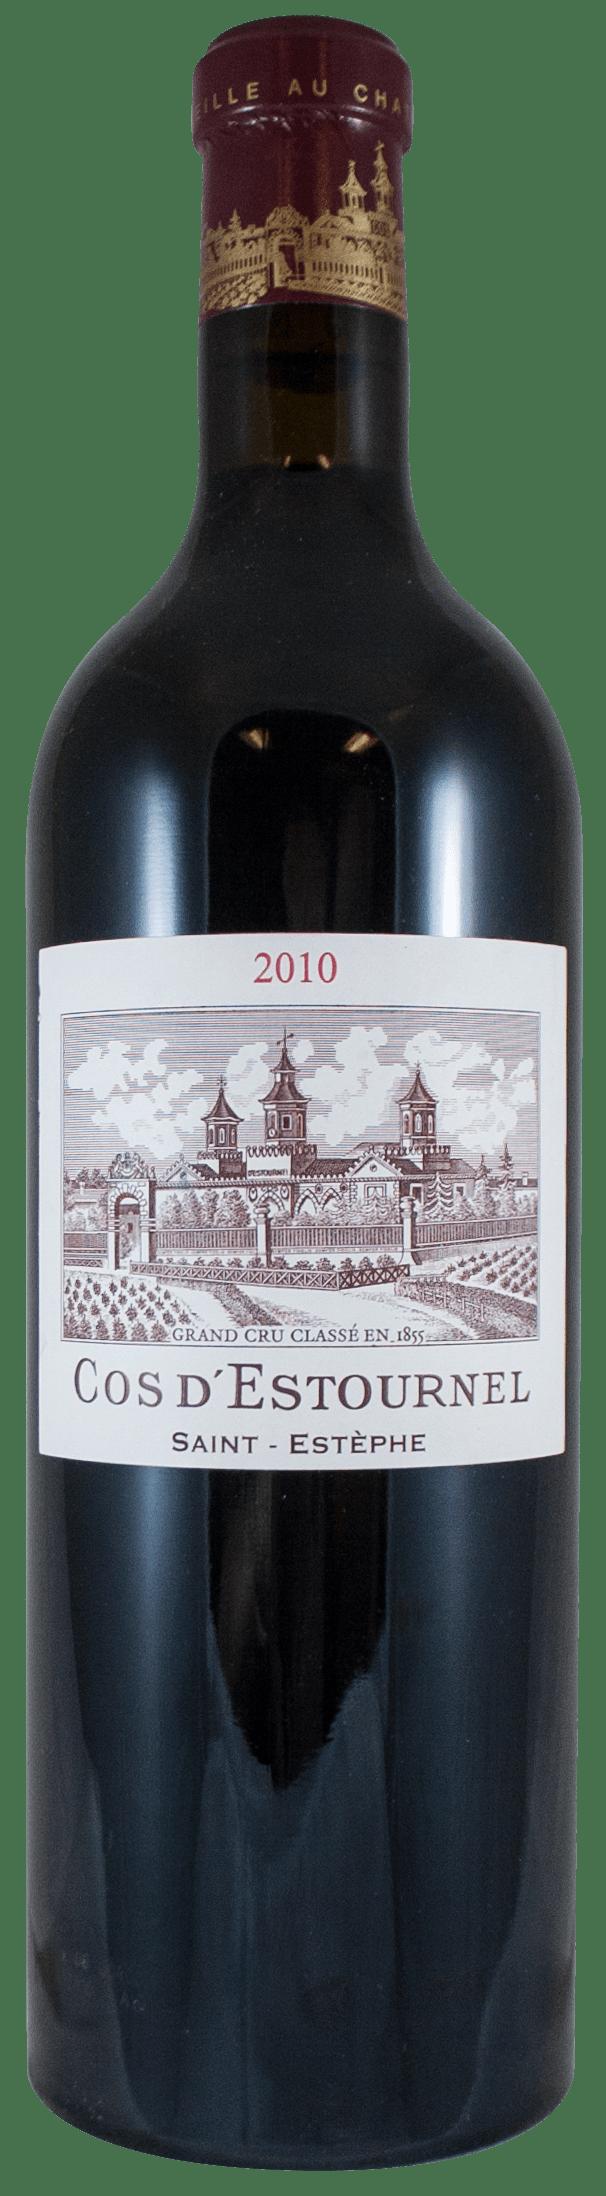 2010 Chateau Cos D'estournel